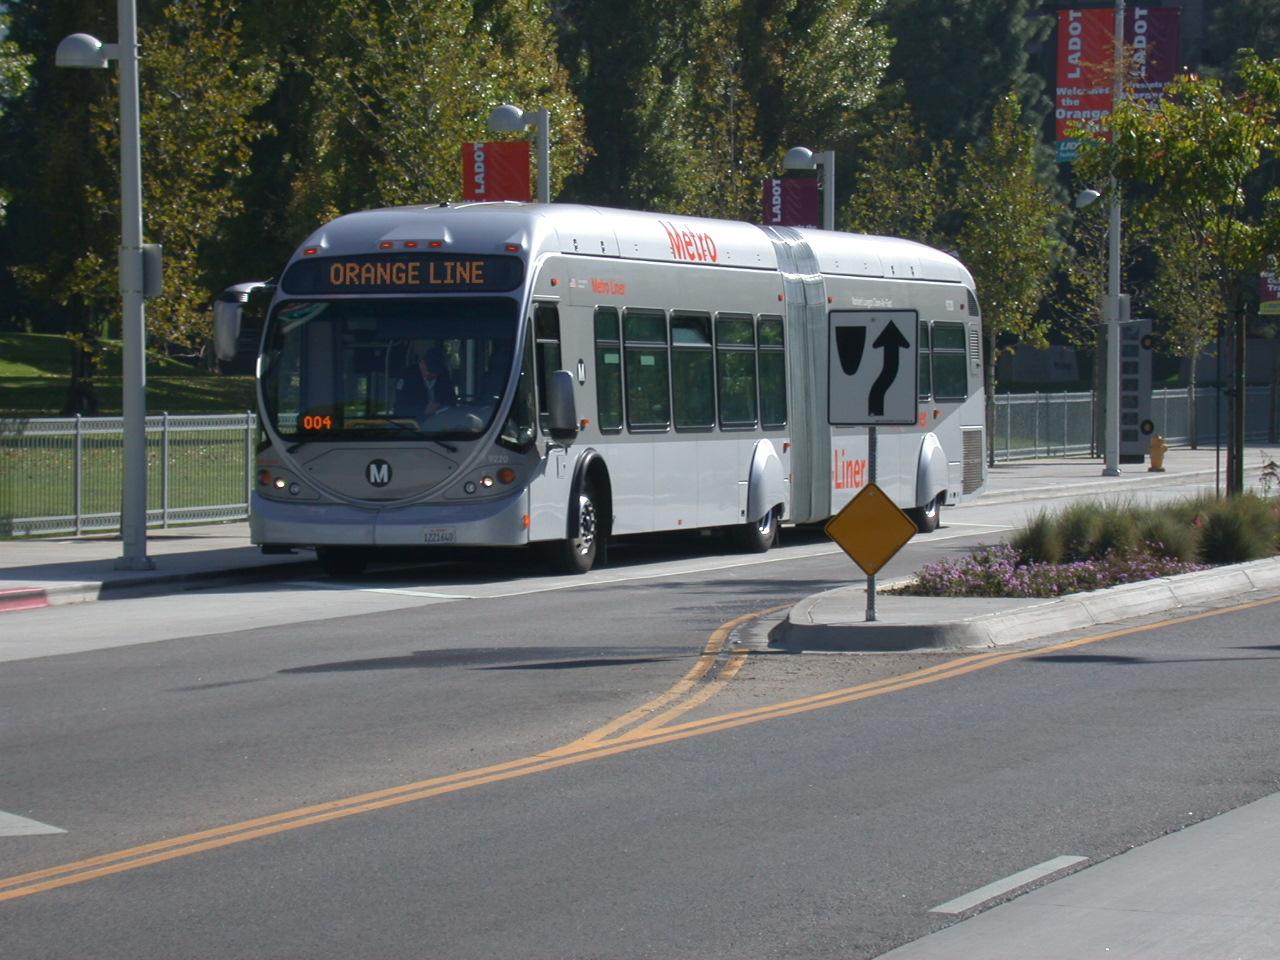 Orange Line bus in the San Fernando Valley